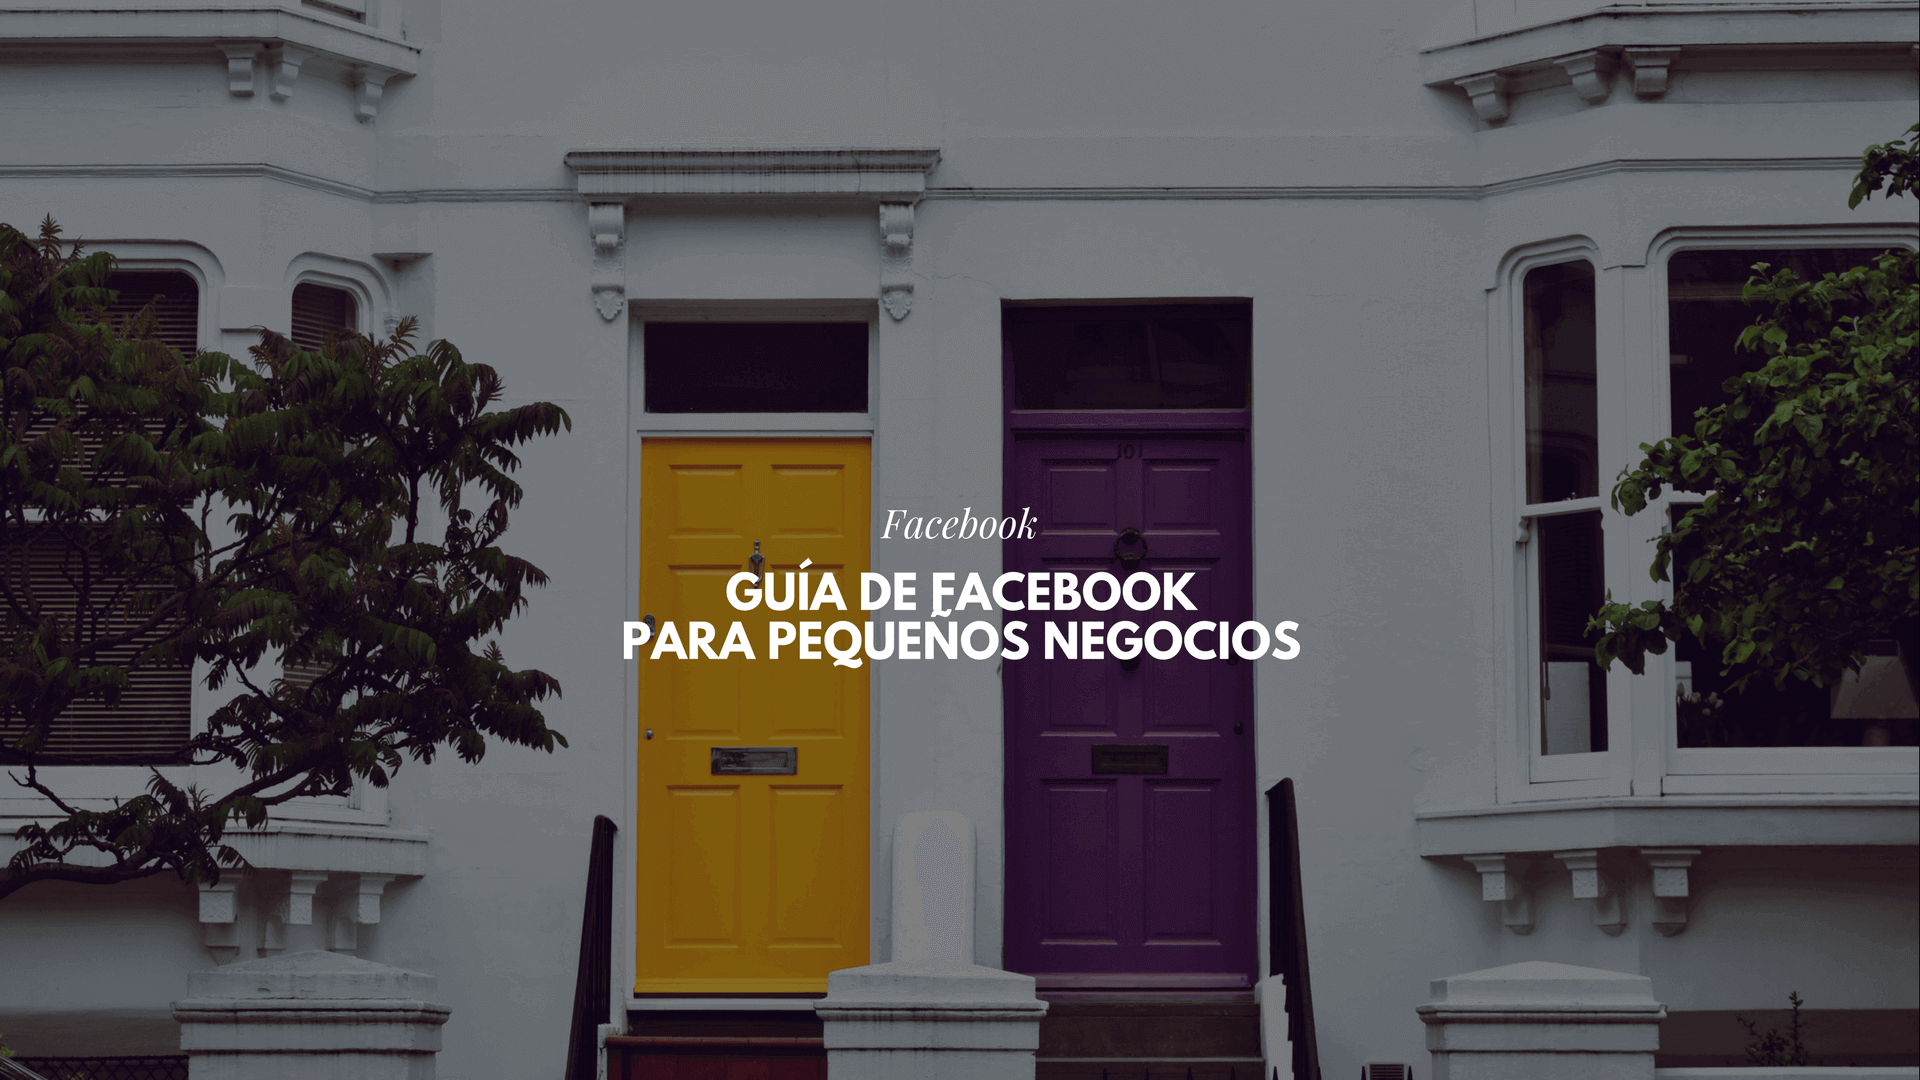 Estrategia de Marketing en Facebook: Guía de Facebook para pequeños negocios